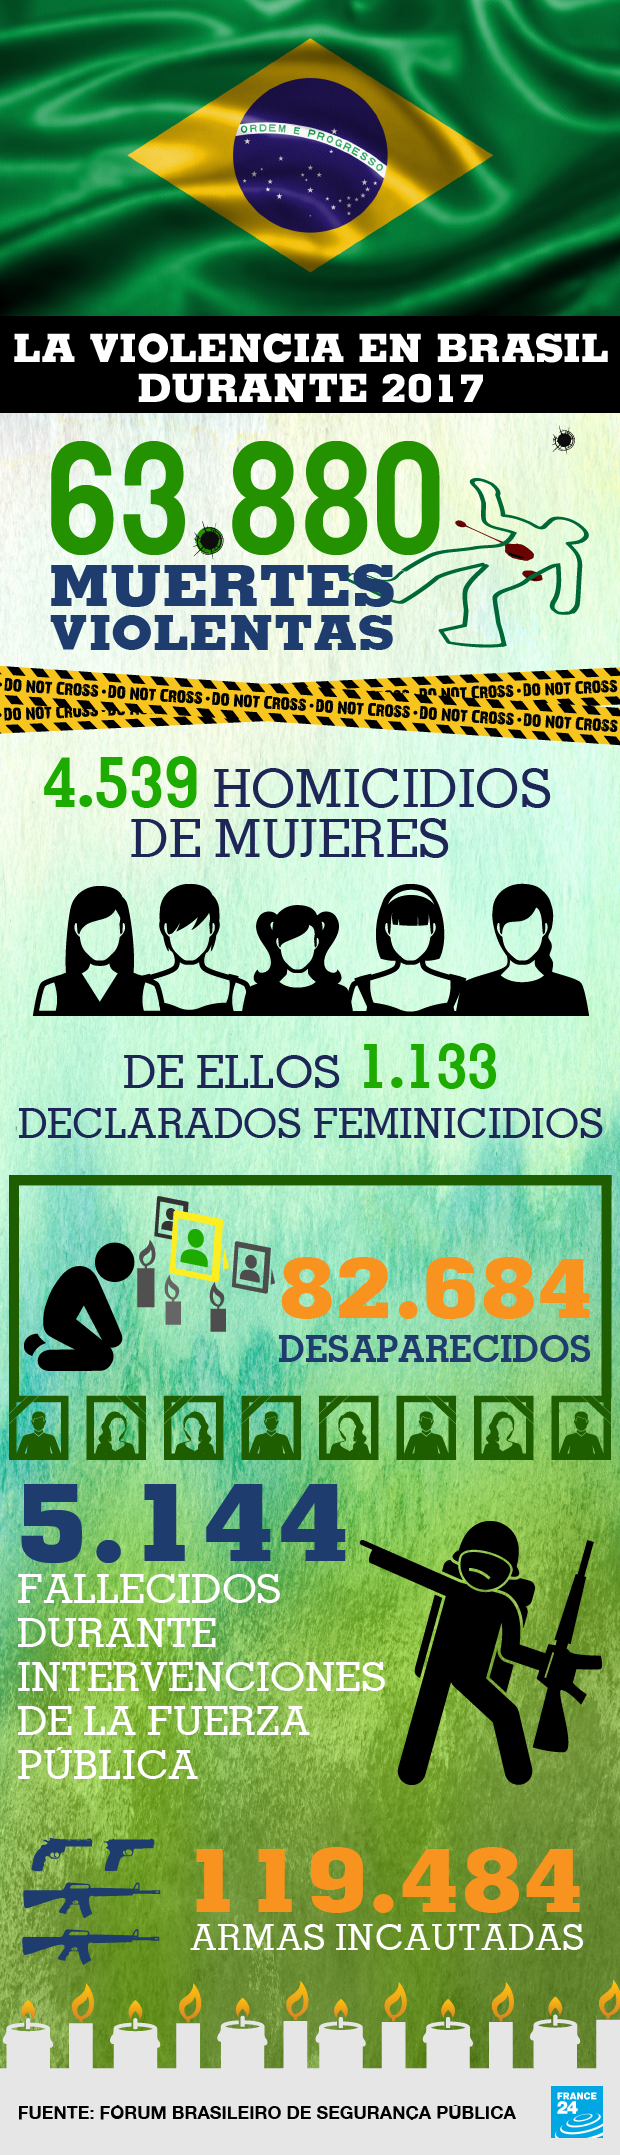 Datos del Fórum Brasileiro de Segurança Pública